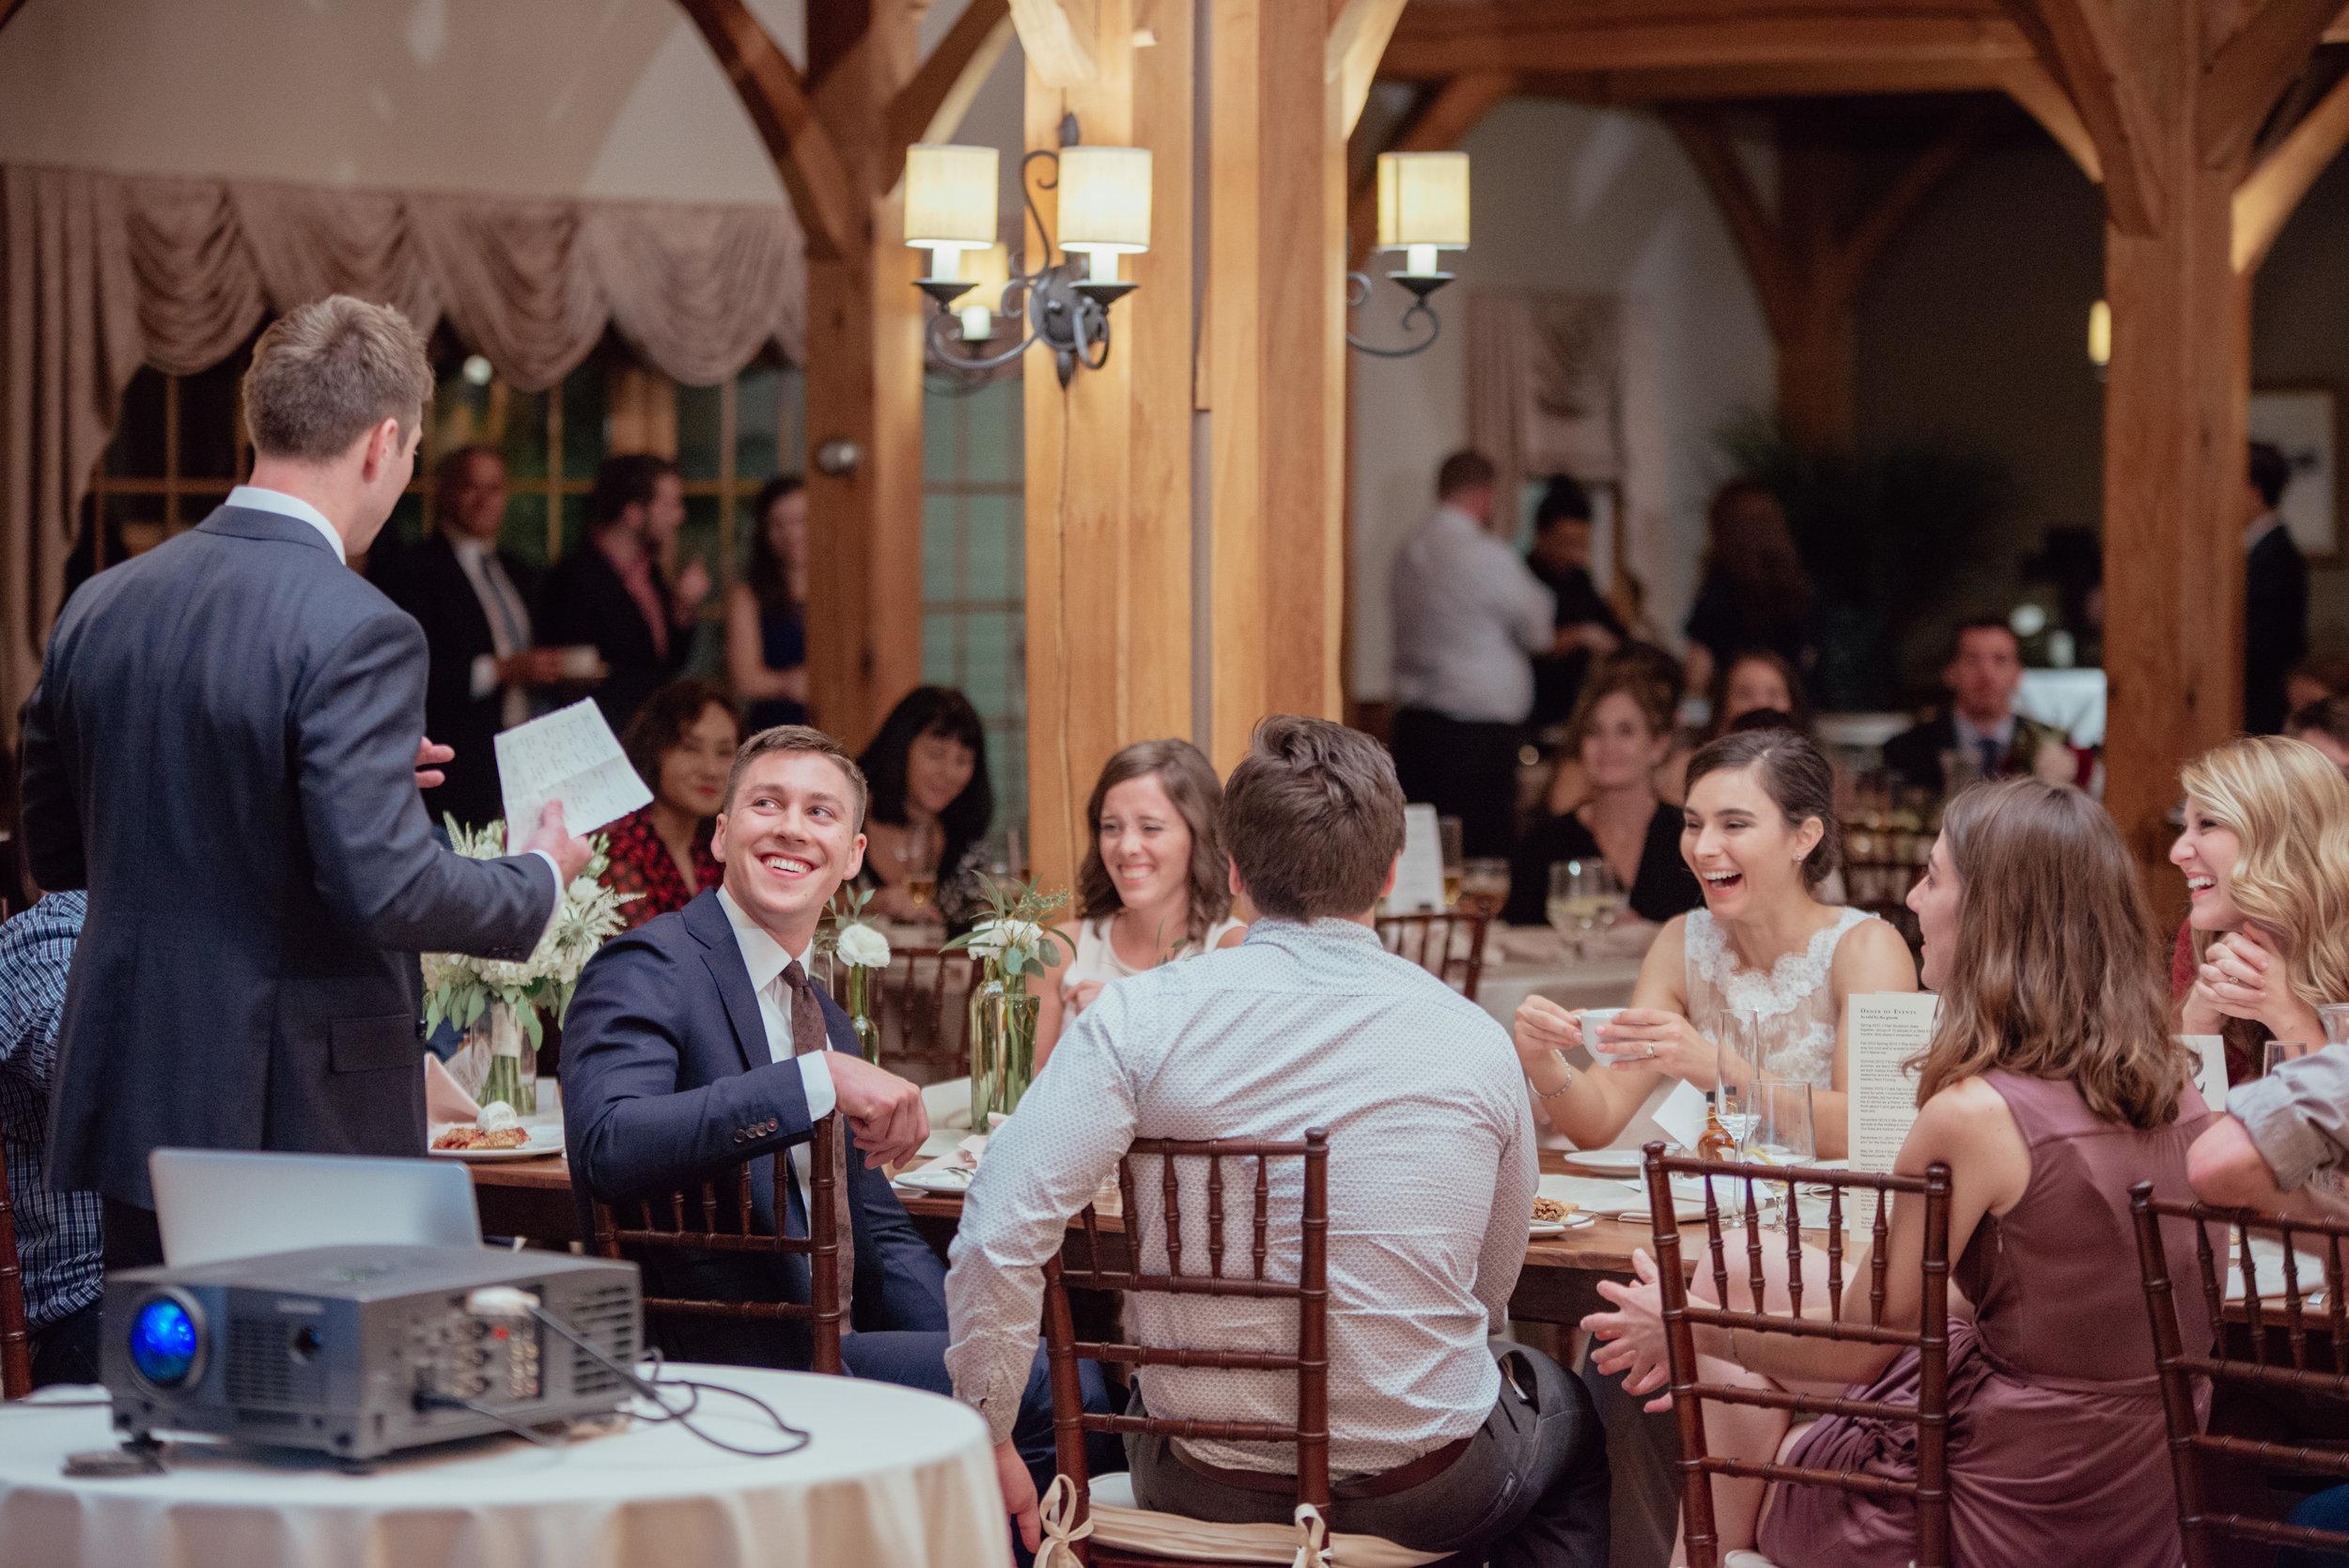 cleland-studios-weddings-68.jpg